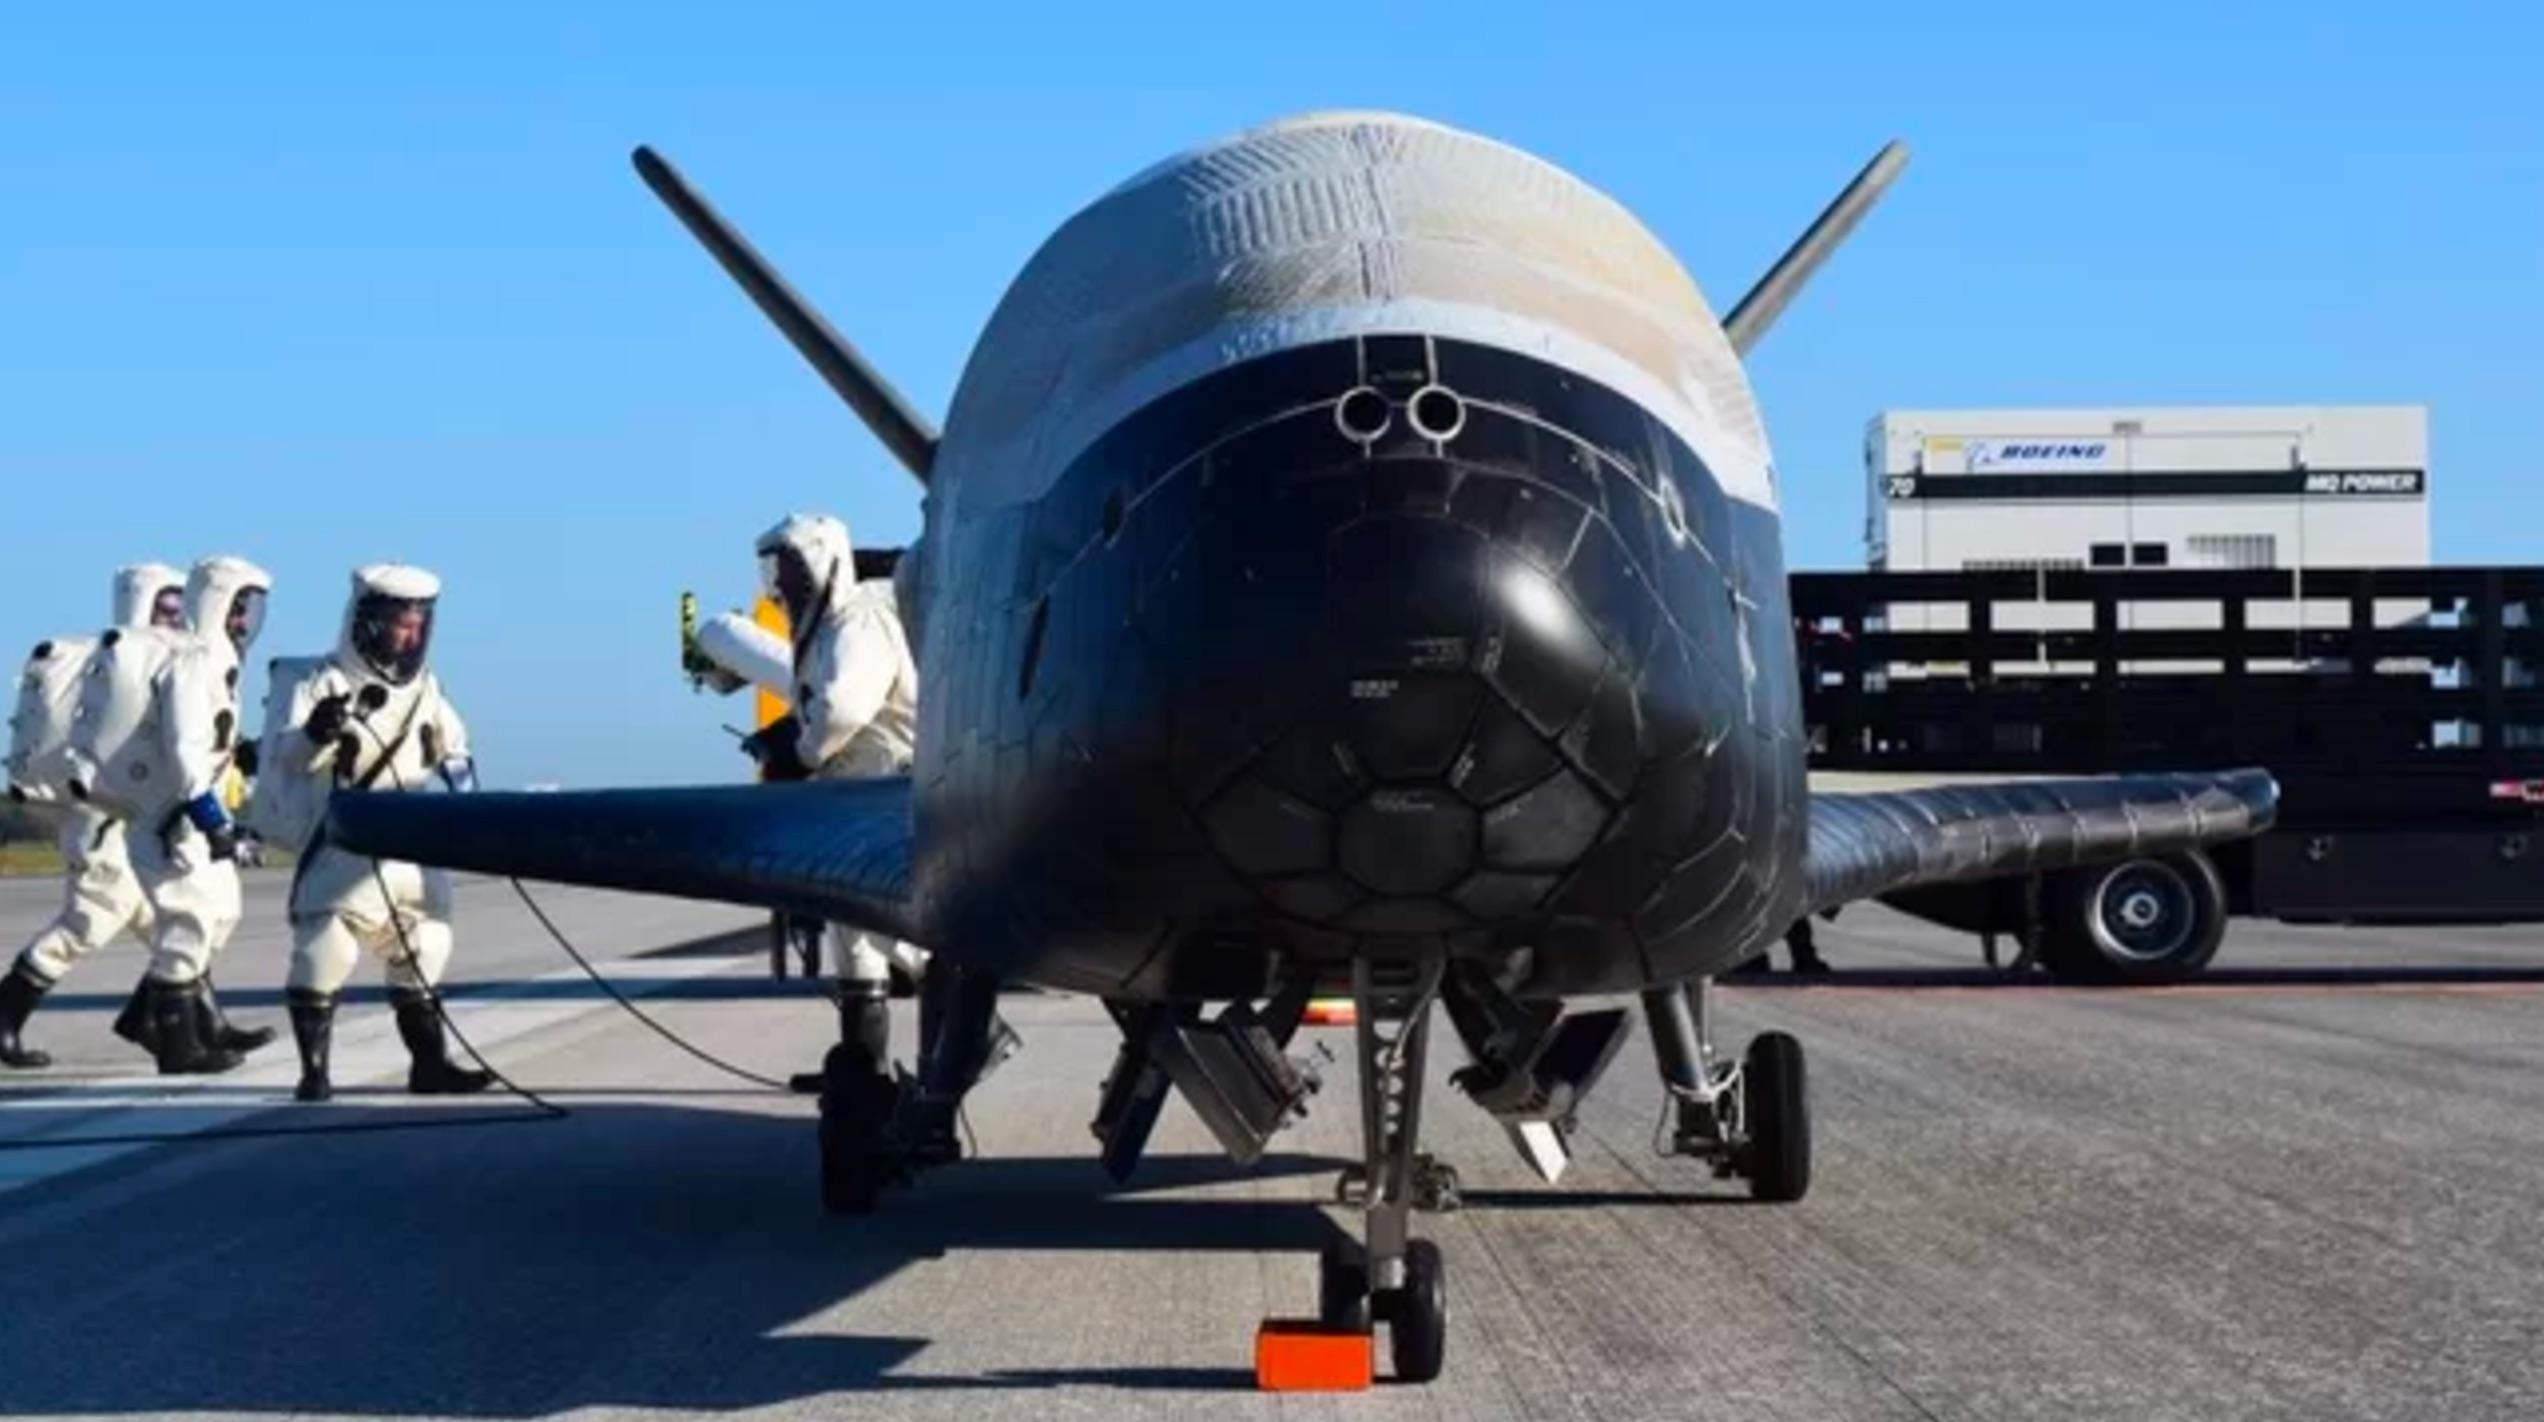 美国成立太空军 美媒:没特朗普想的那么雄心勃勃